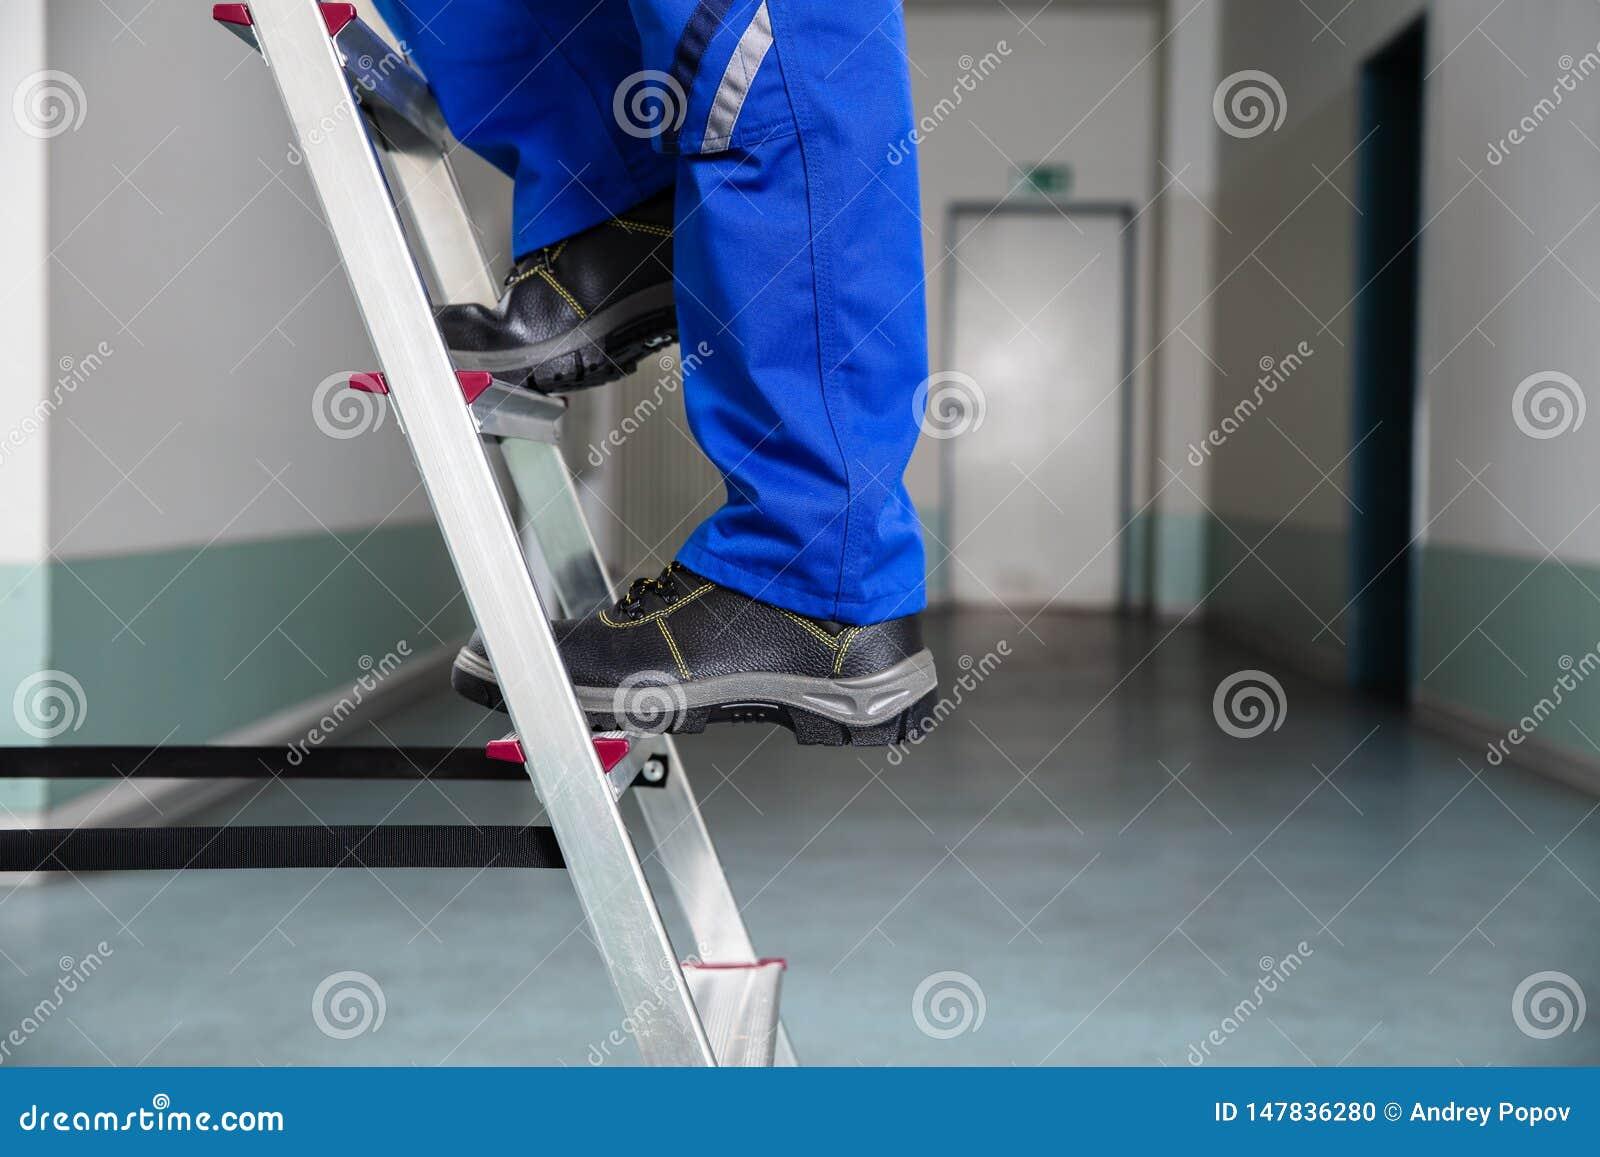 Manitas Climbing Ladder